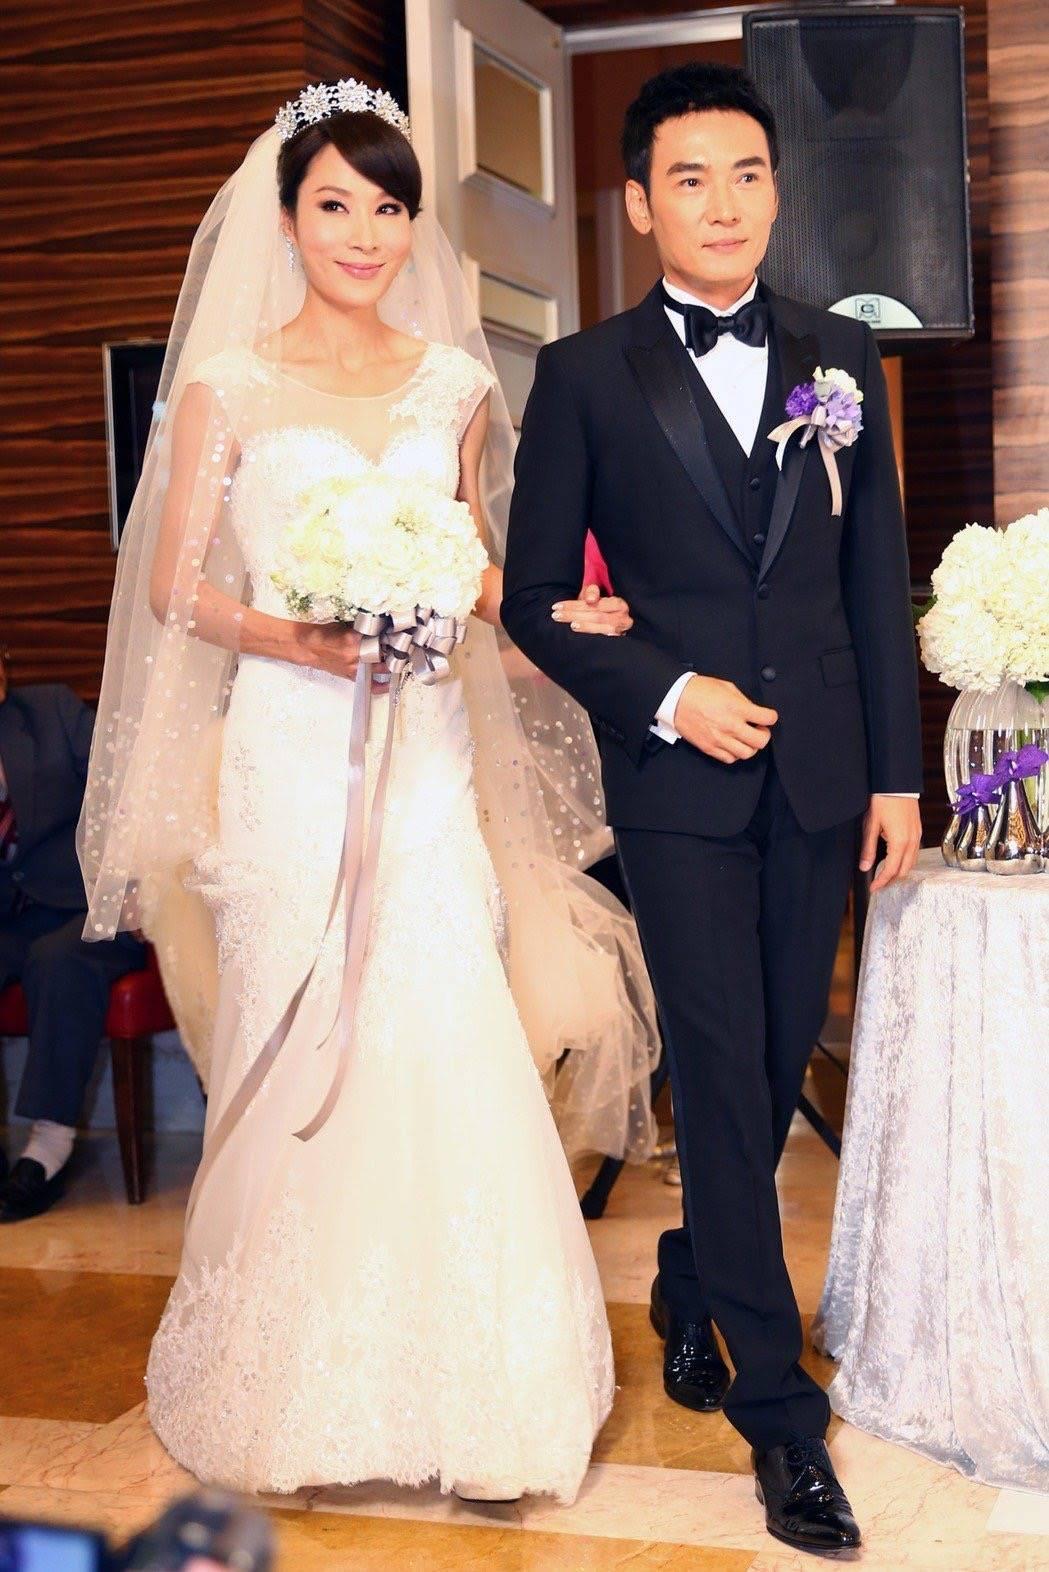 53岁童年男神焦恩俊与老婆断联2年多,星二代林千鈺称仍未签字离婚  第2张